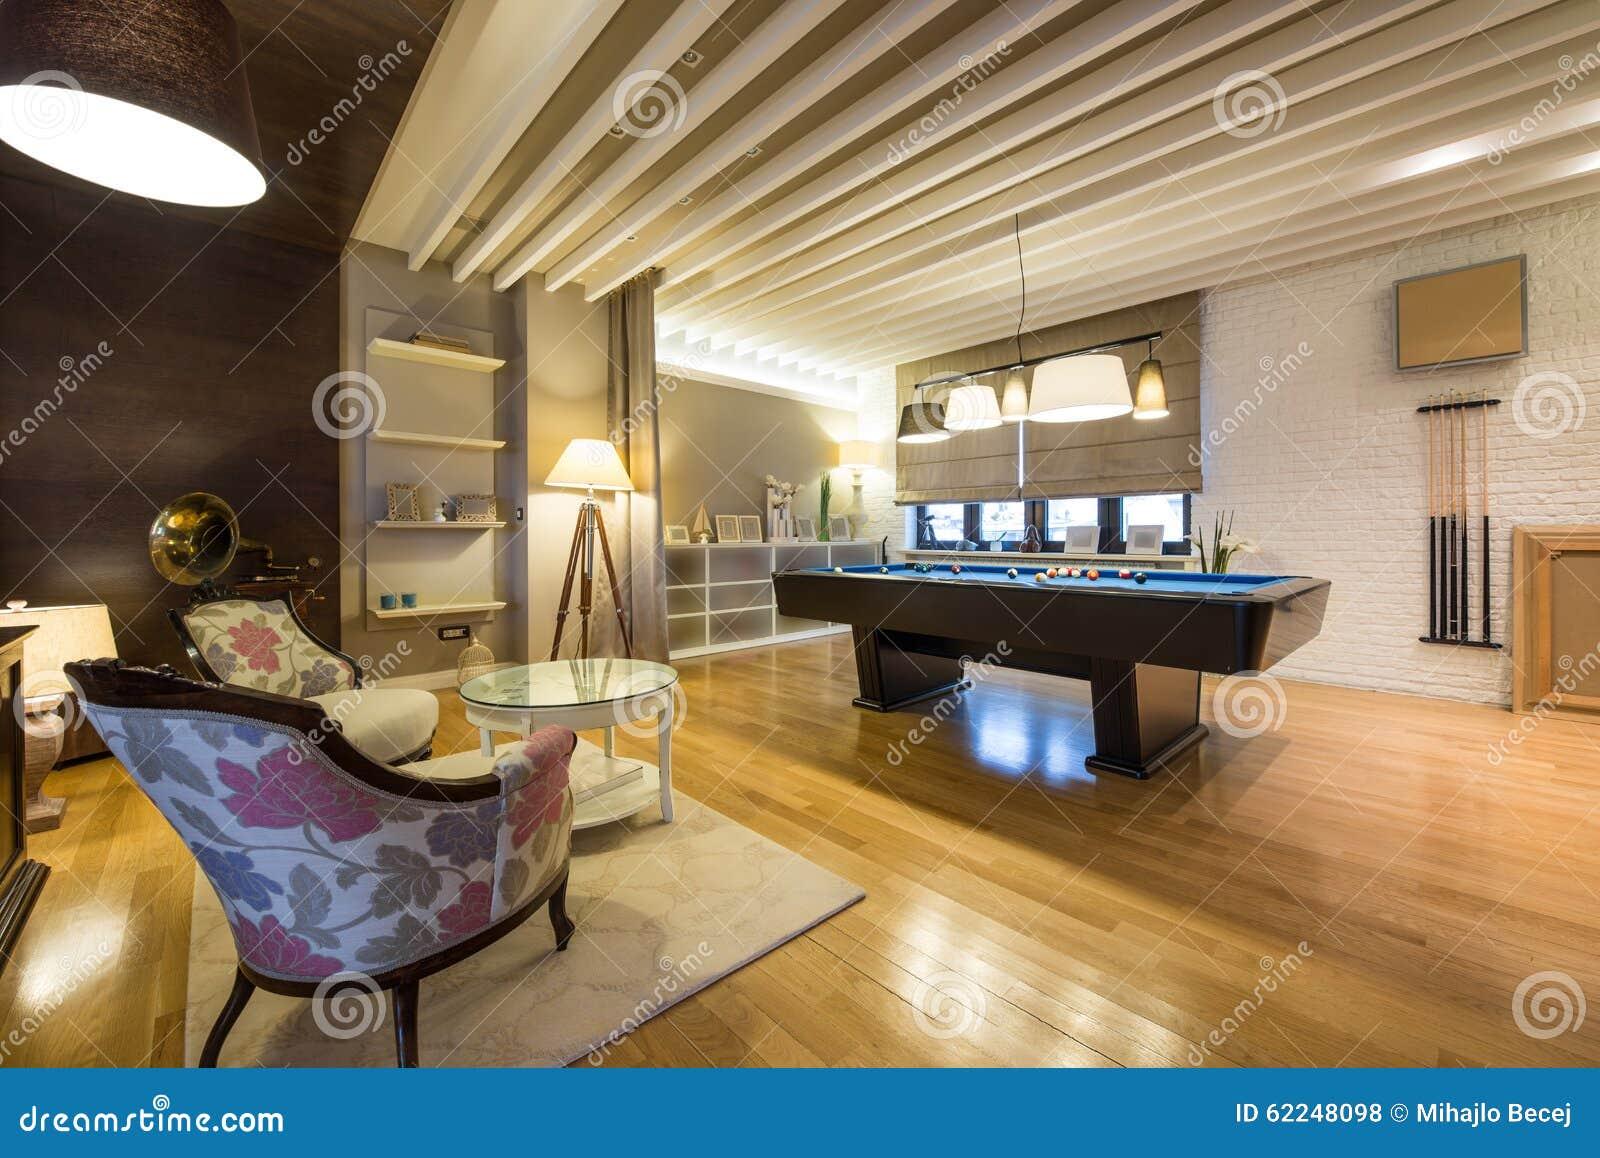 Carrelage travertin salle de bain Ouedkniss salon modern